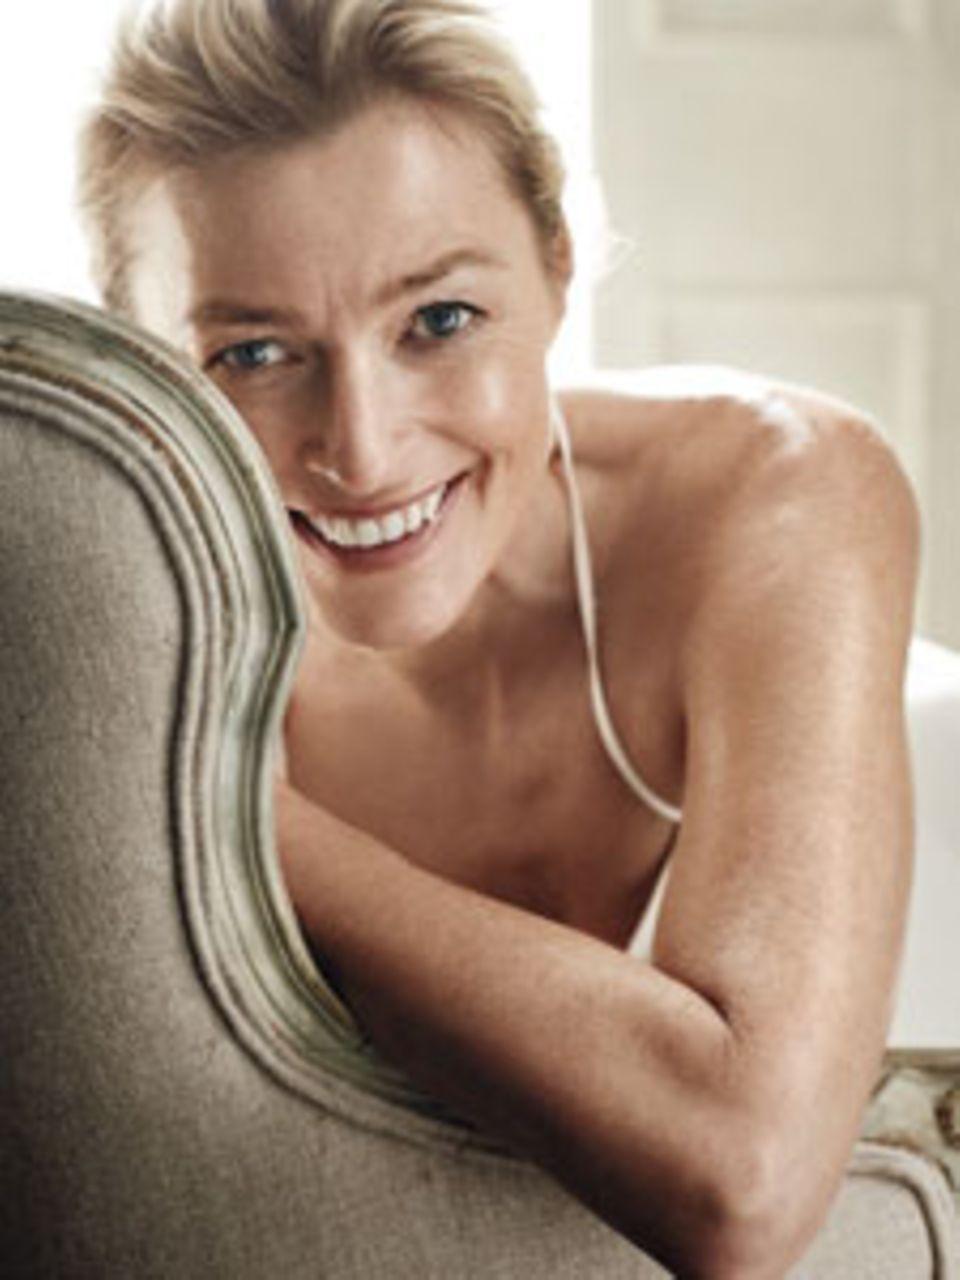 Öl für Haut und Haare: Schön geschmeidig bleiben